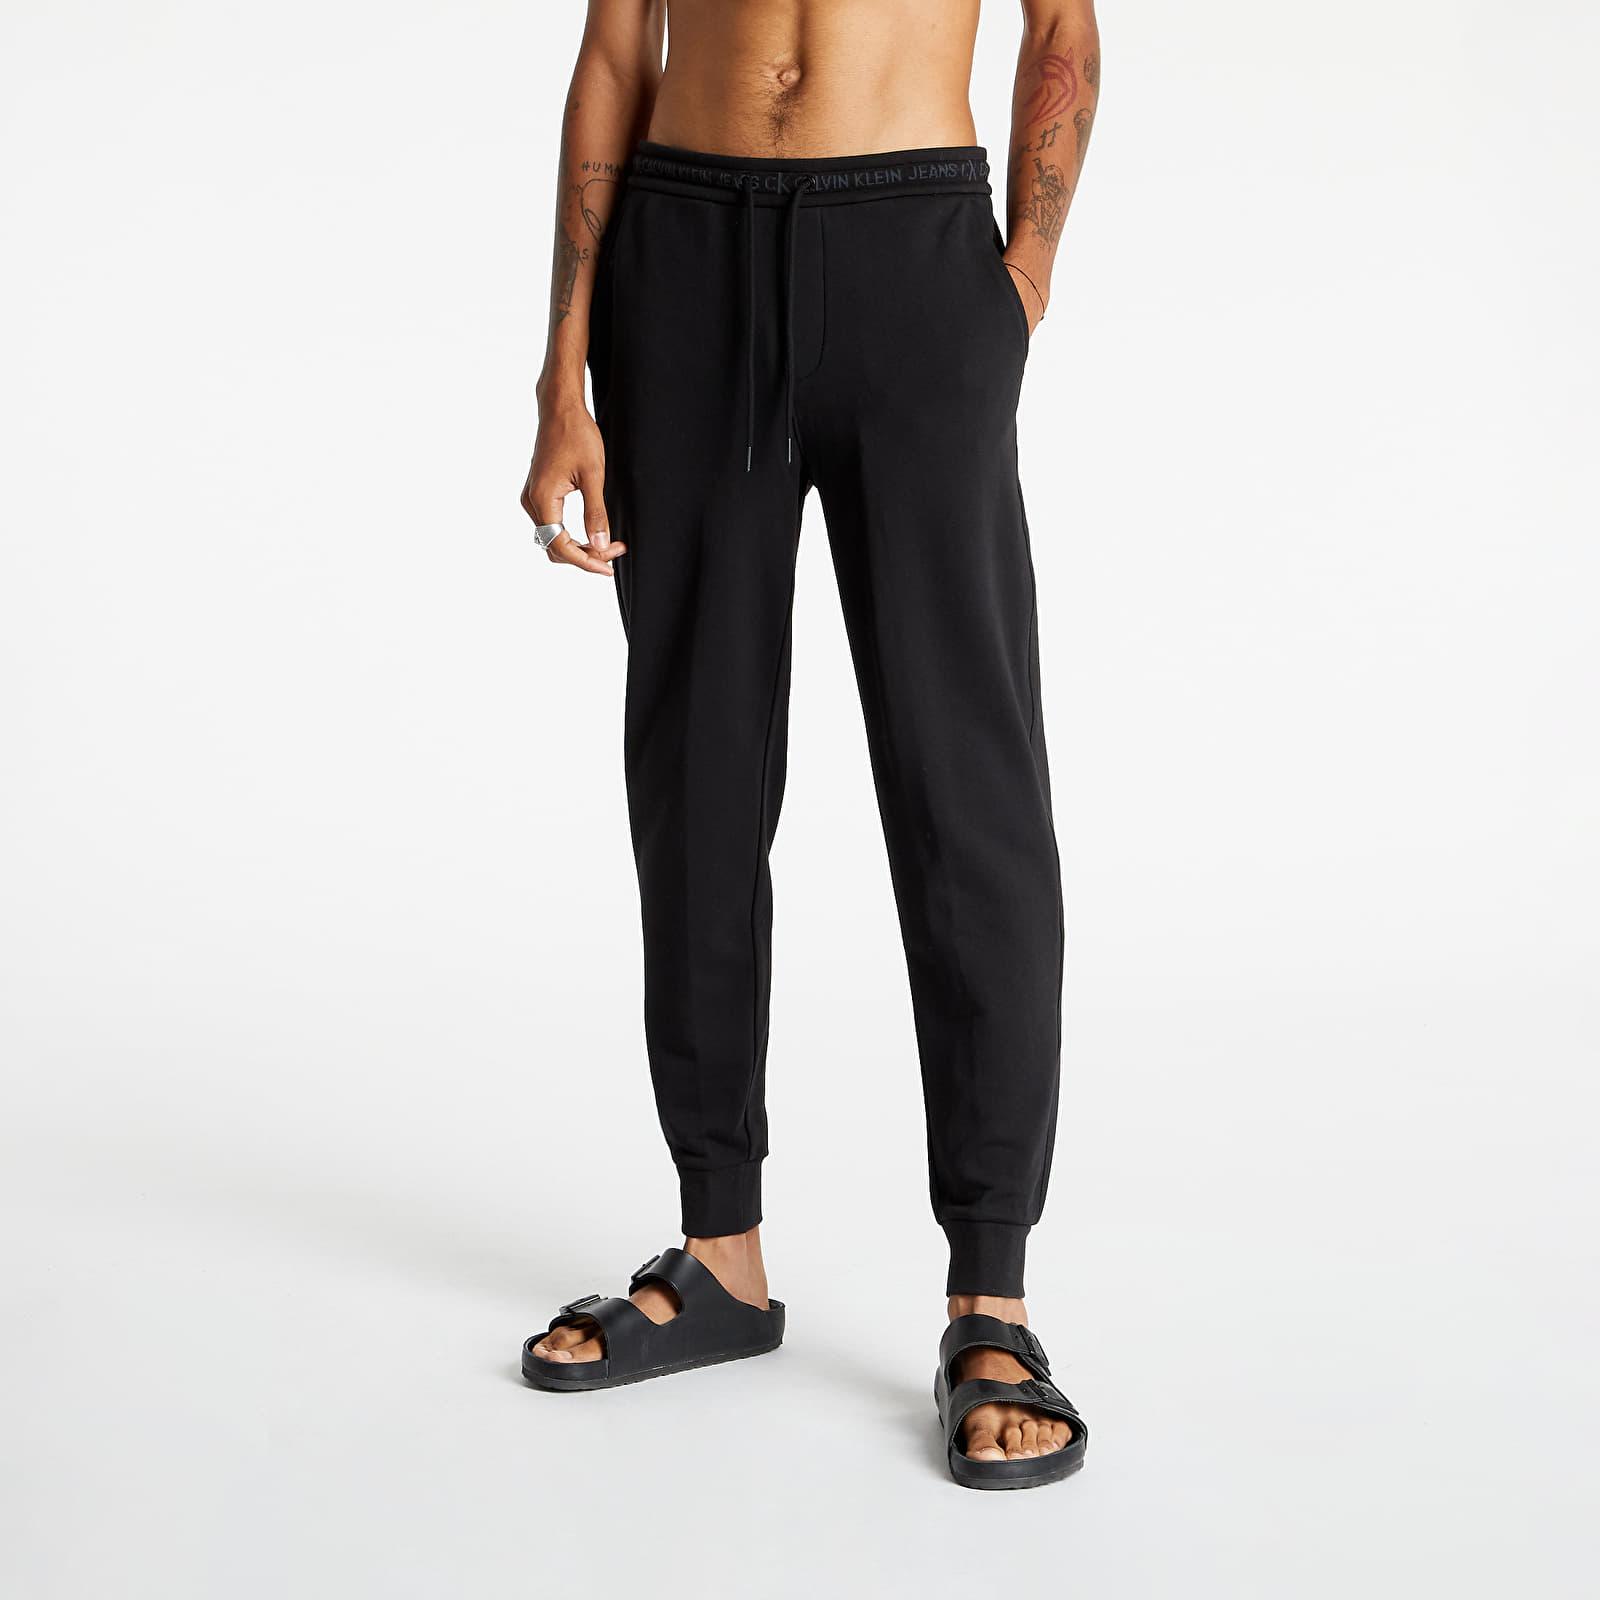 Calvin Klein Jeans Logo Jacquard Hwk Pants Ck Black